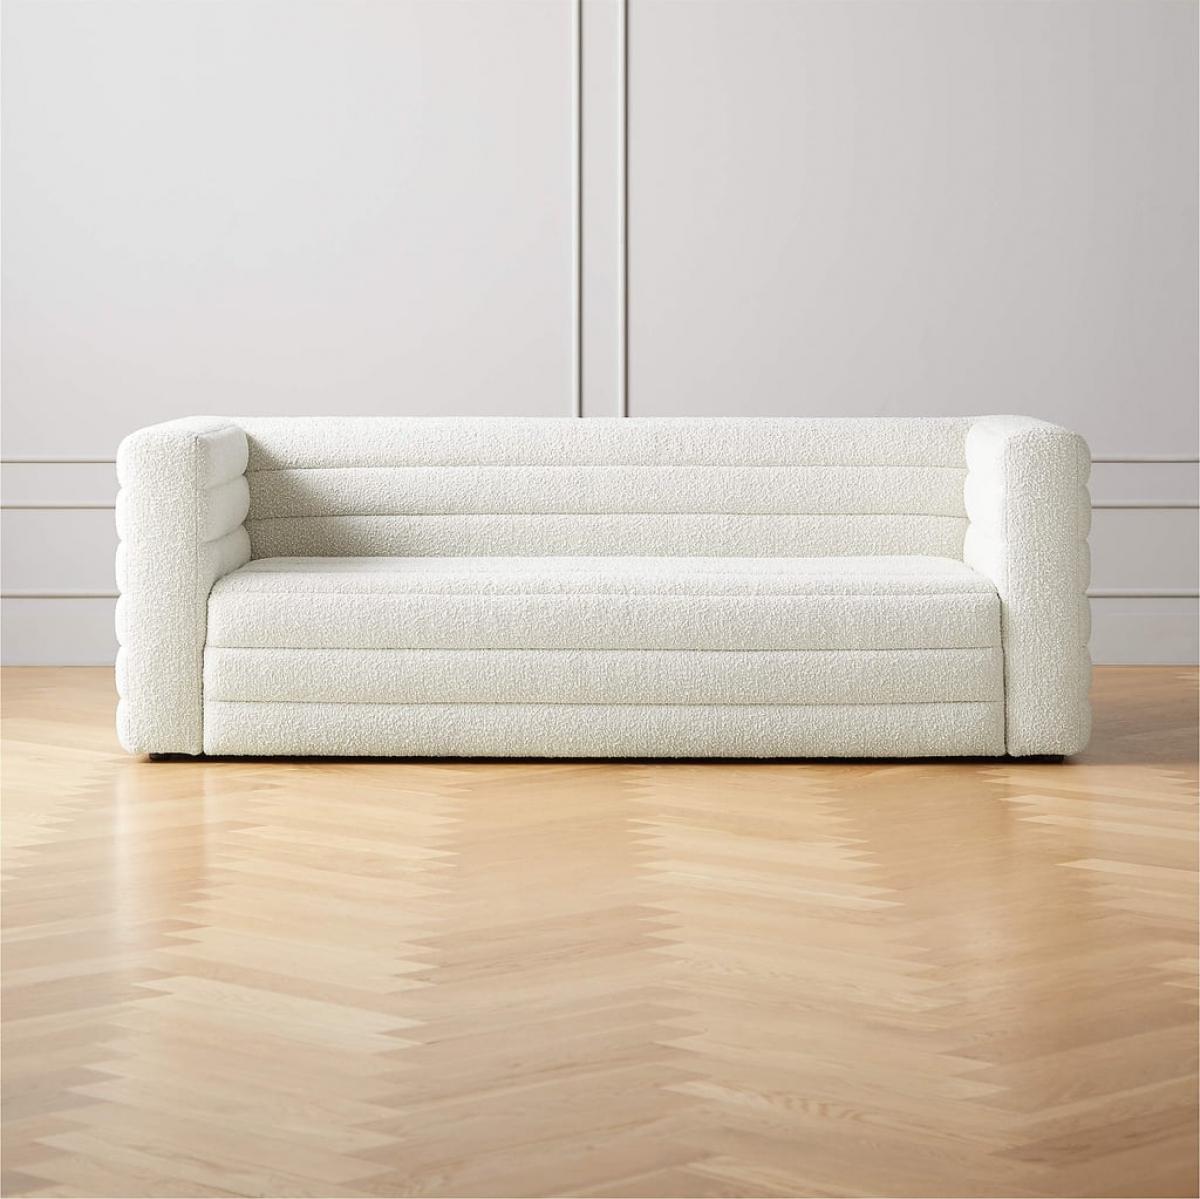 Loại sofa xốp mềm này cũng rất được yêu thích bởi trọng lượng nhẹ nhưng vẫn đảm bảo sự êm ái.